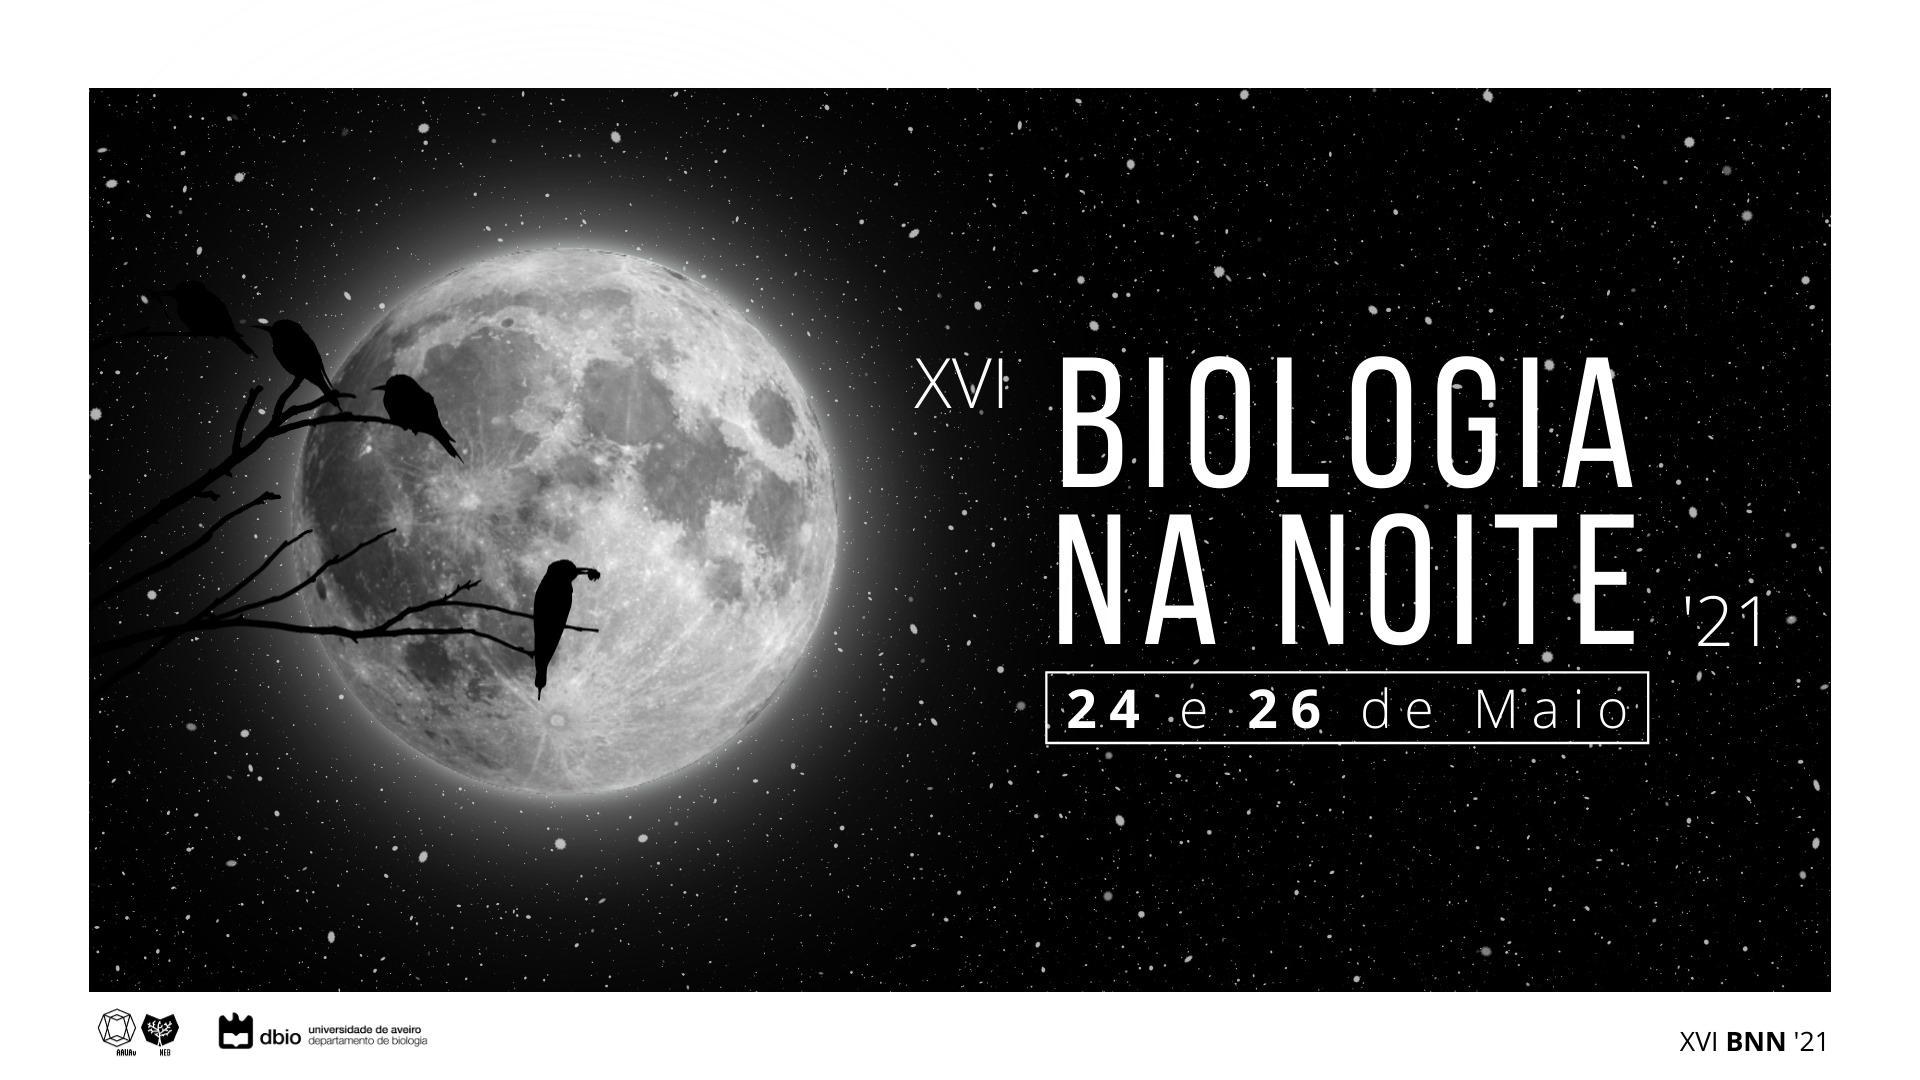 XVI Biologia na Noite